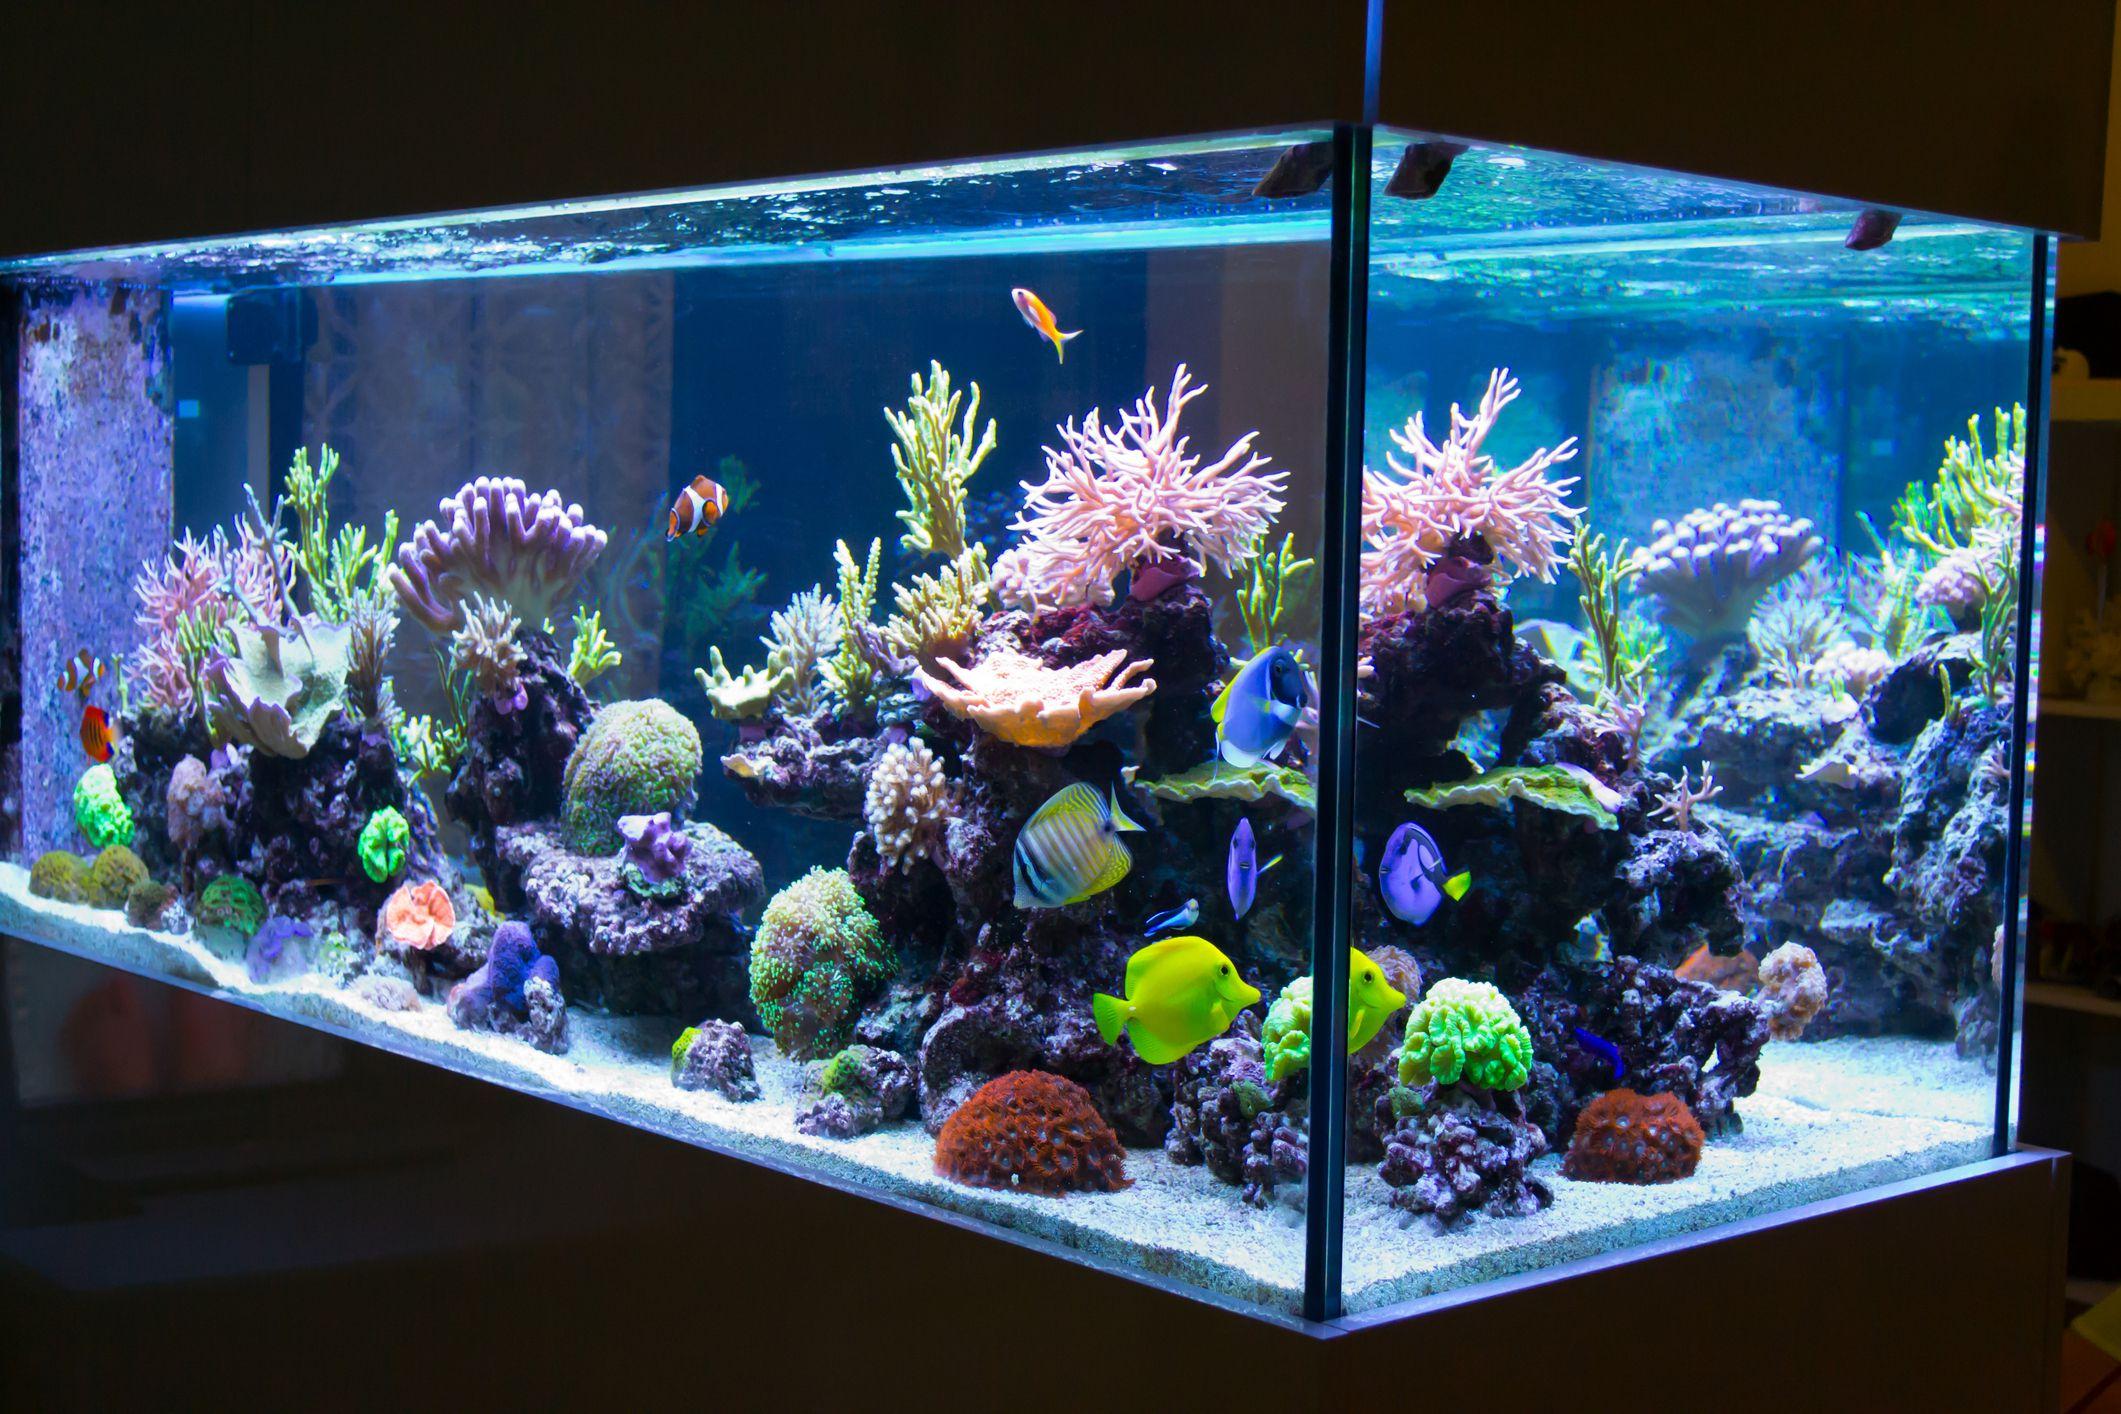 aquarium lighting basics the case for